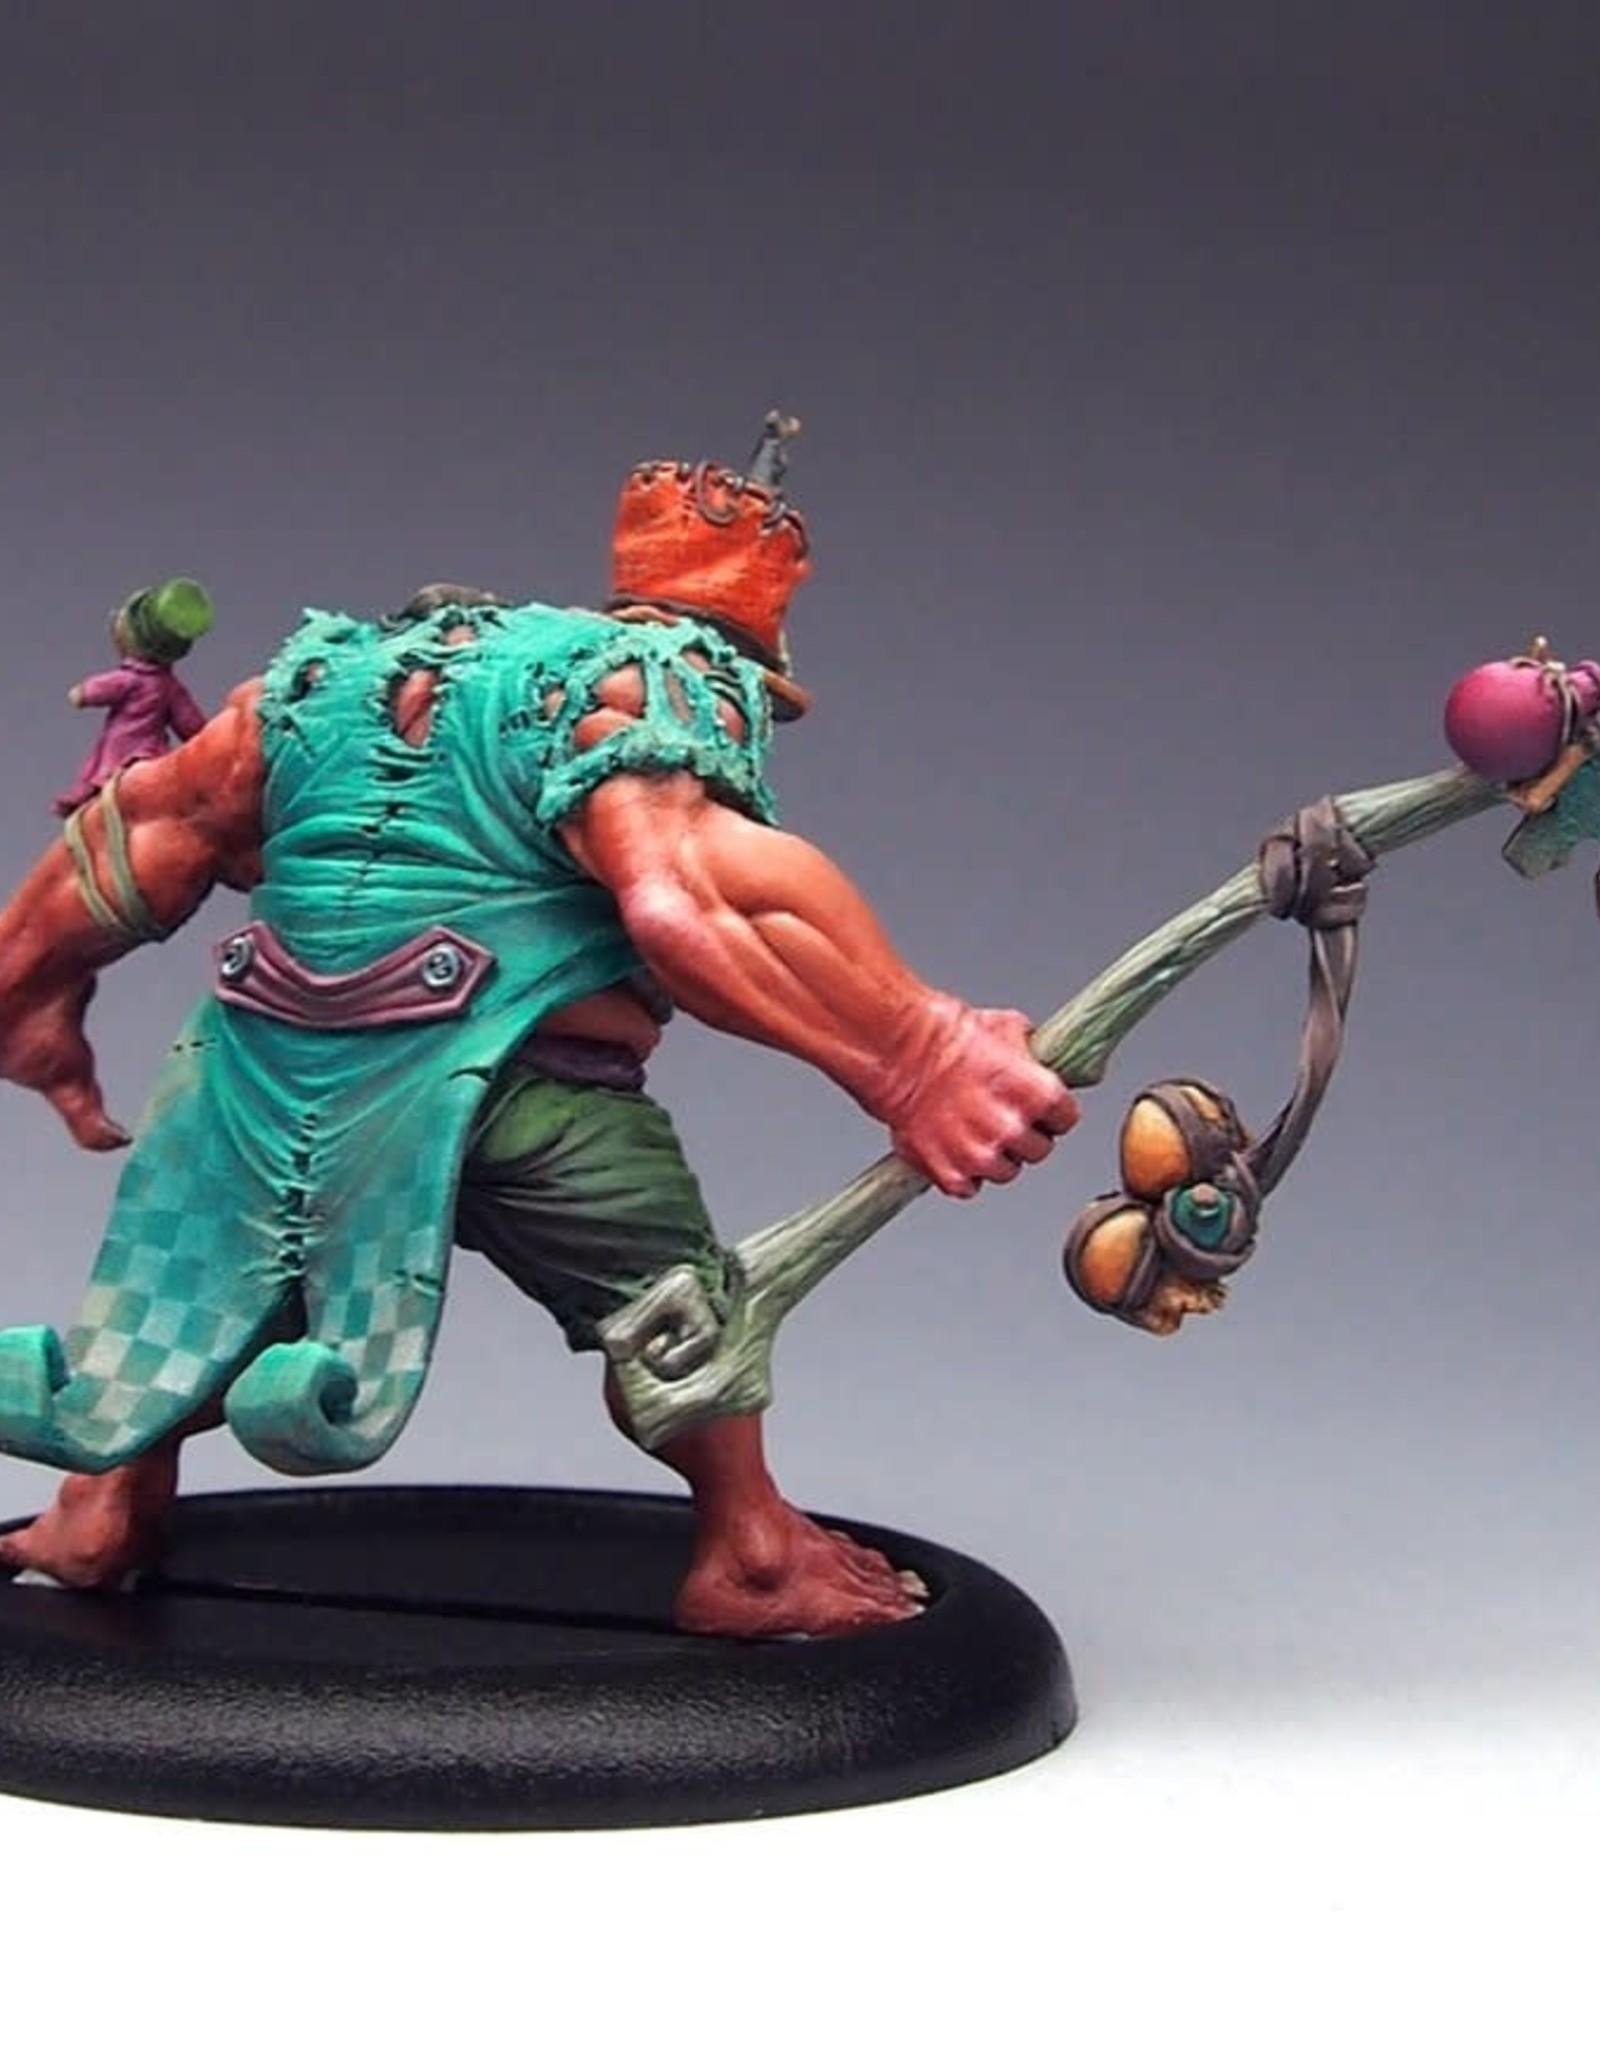 Demented Games Urkin Shaman - Bloodrage - Resin